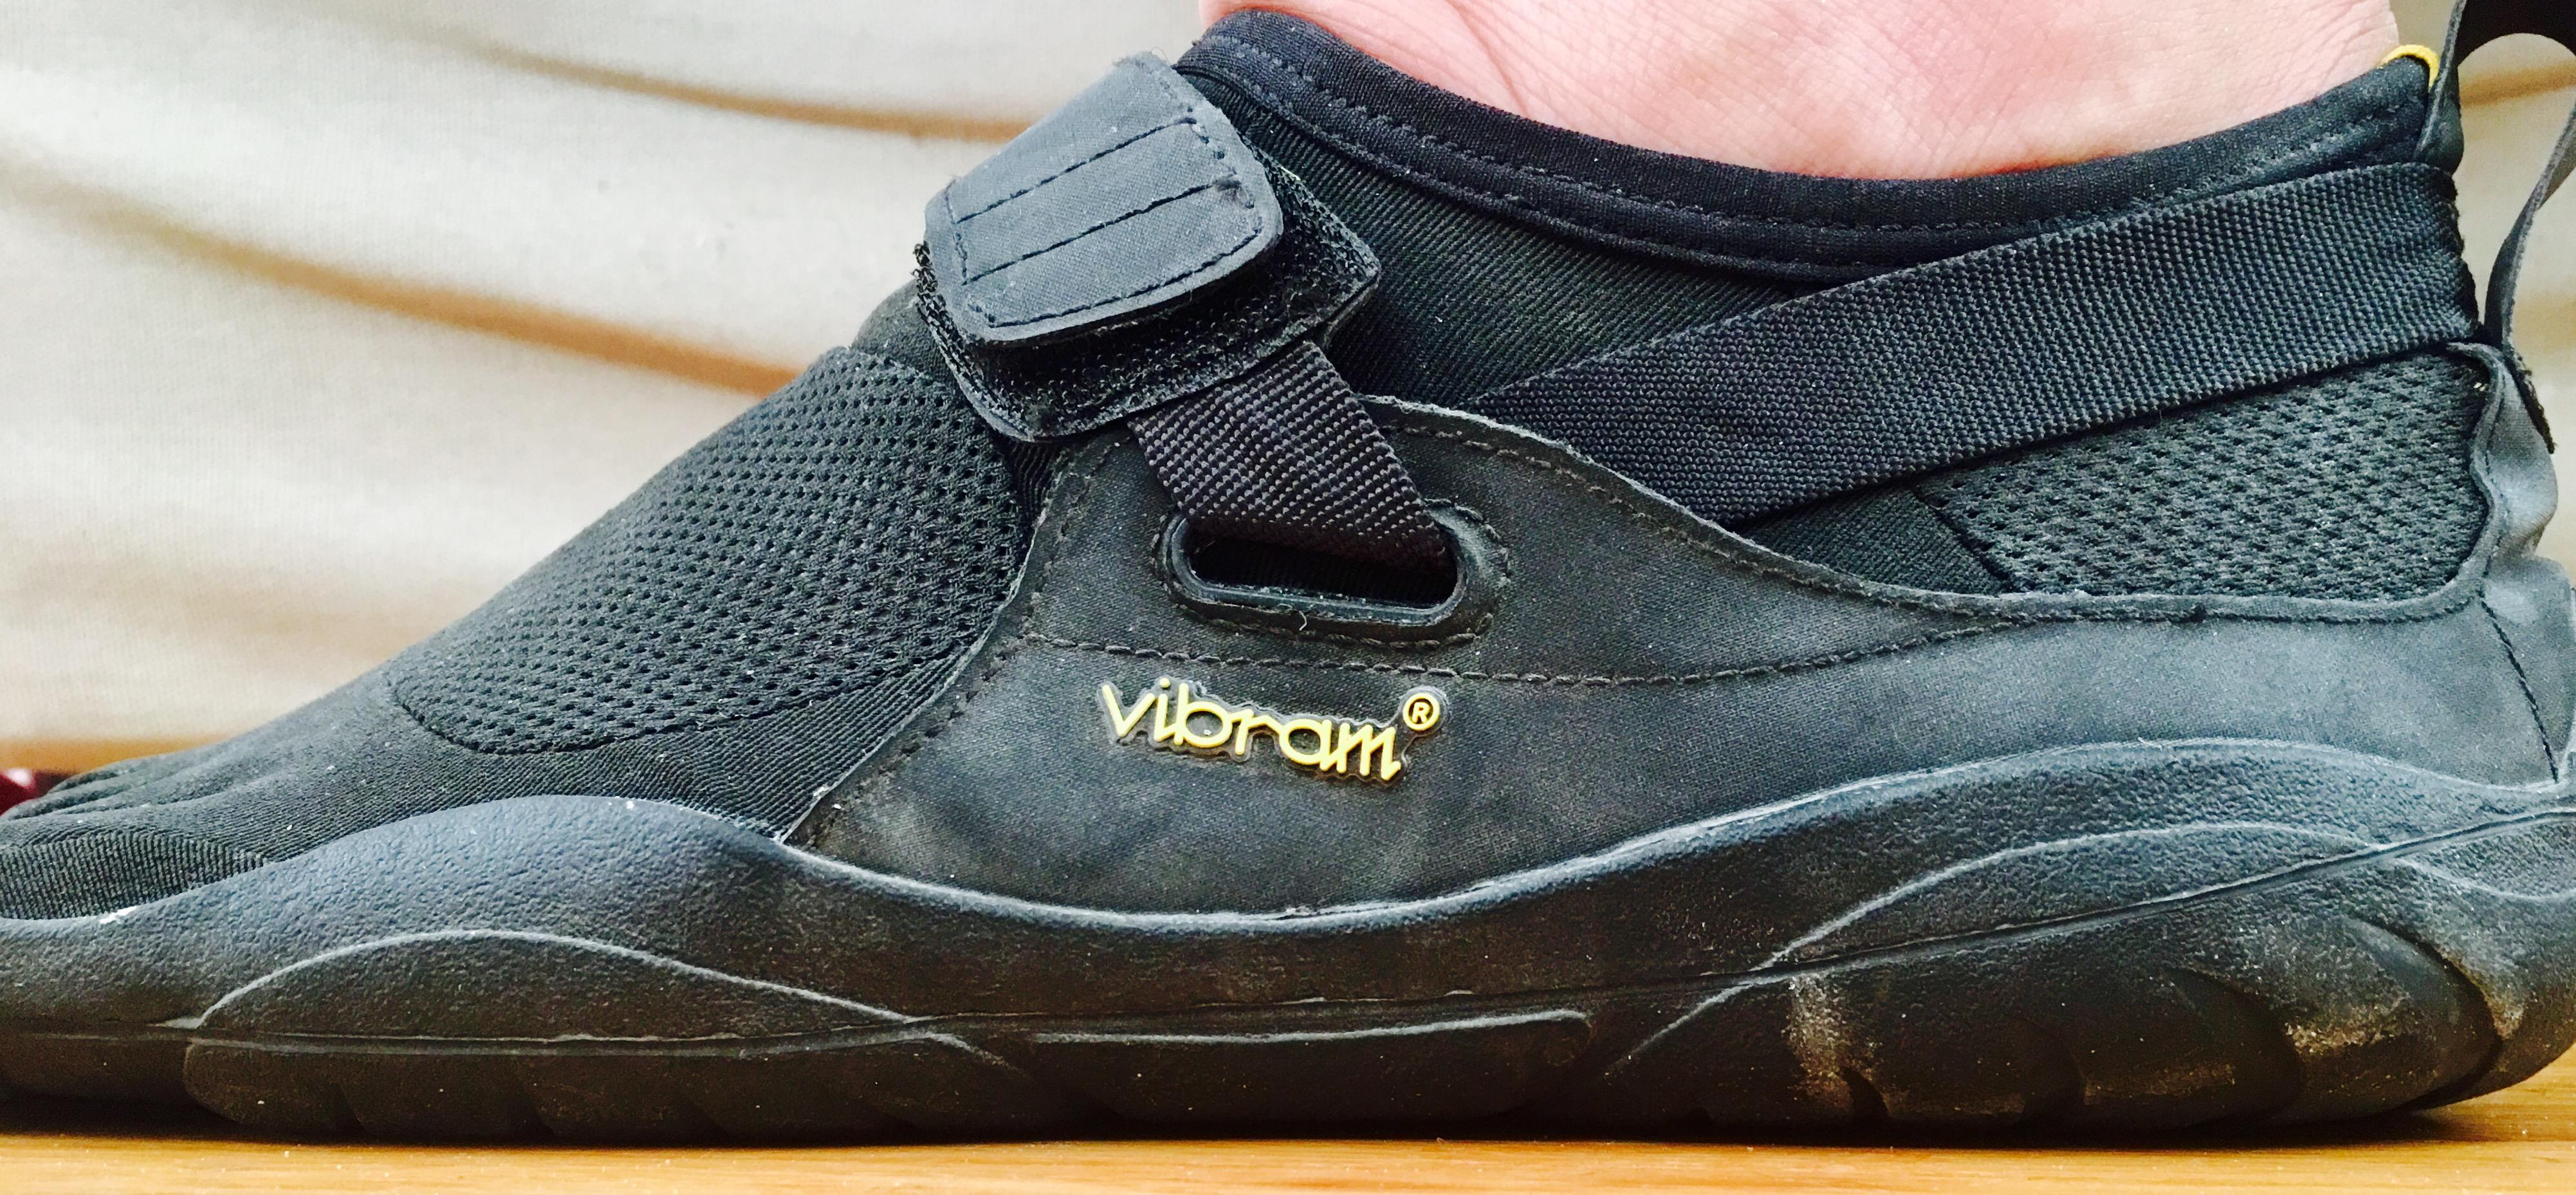 [REVIEW] Vibram Fivefingers KSO